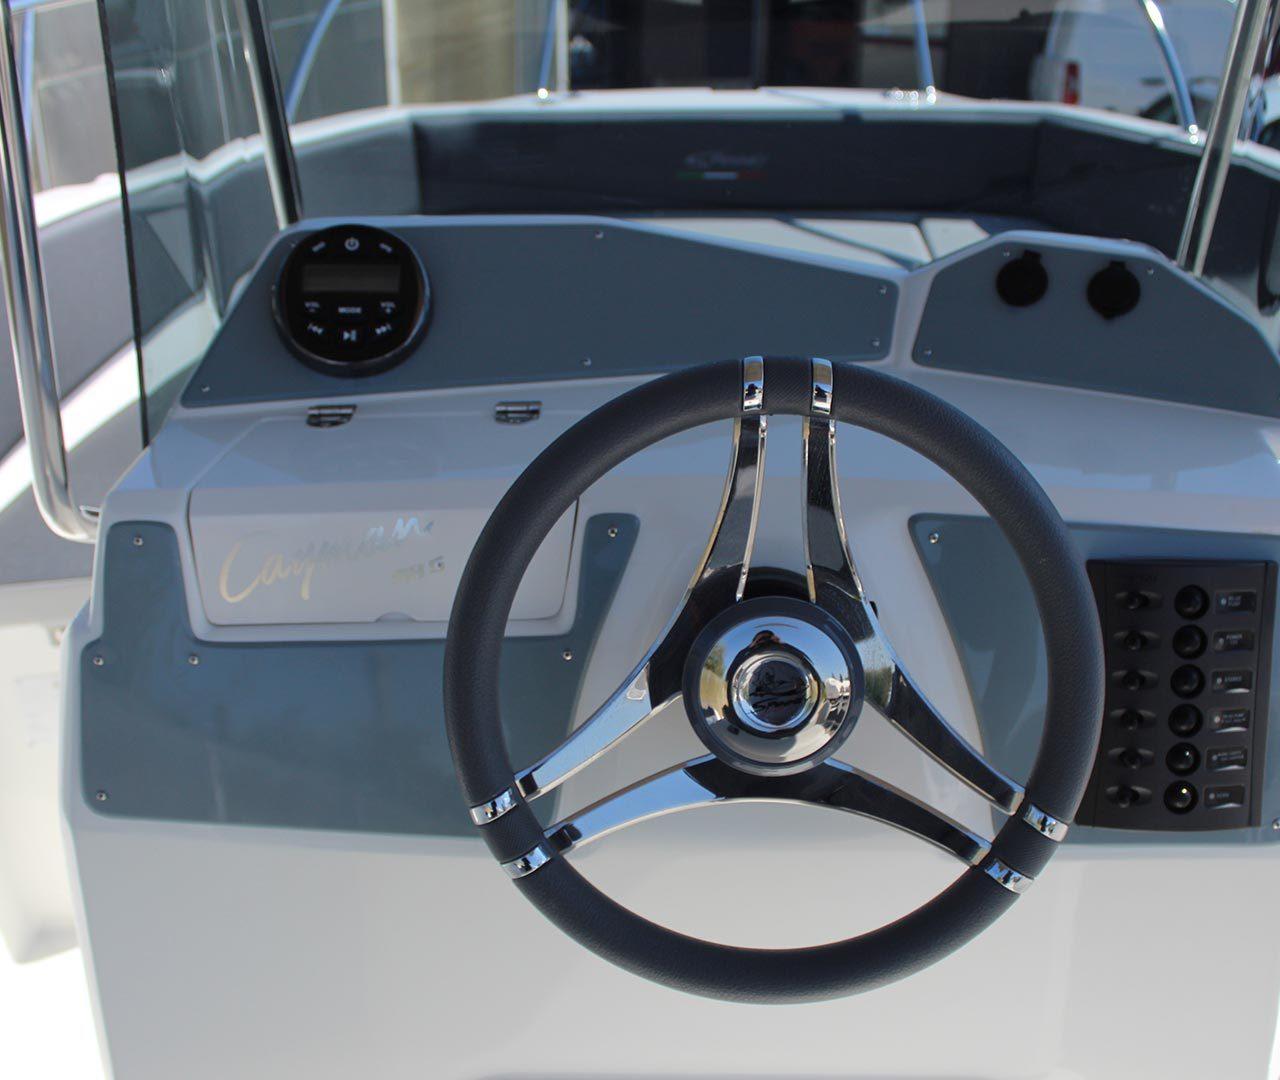 seaward-luxury-line-flotta4